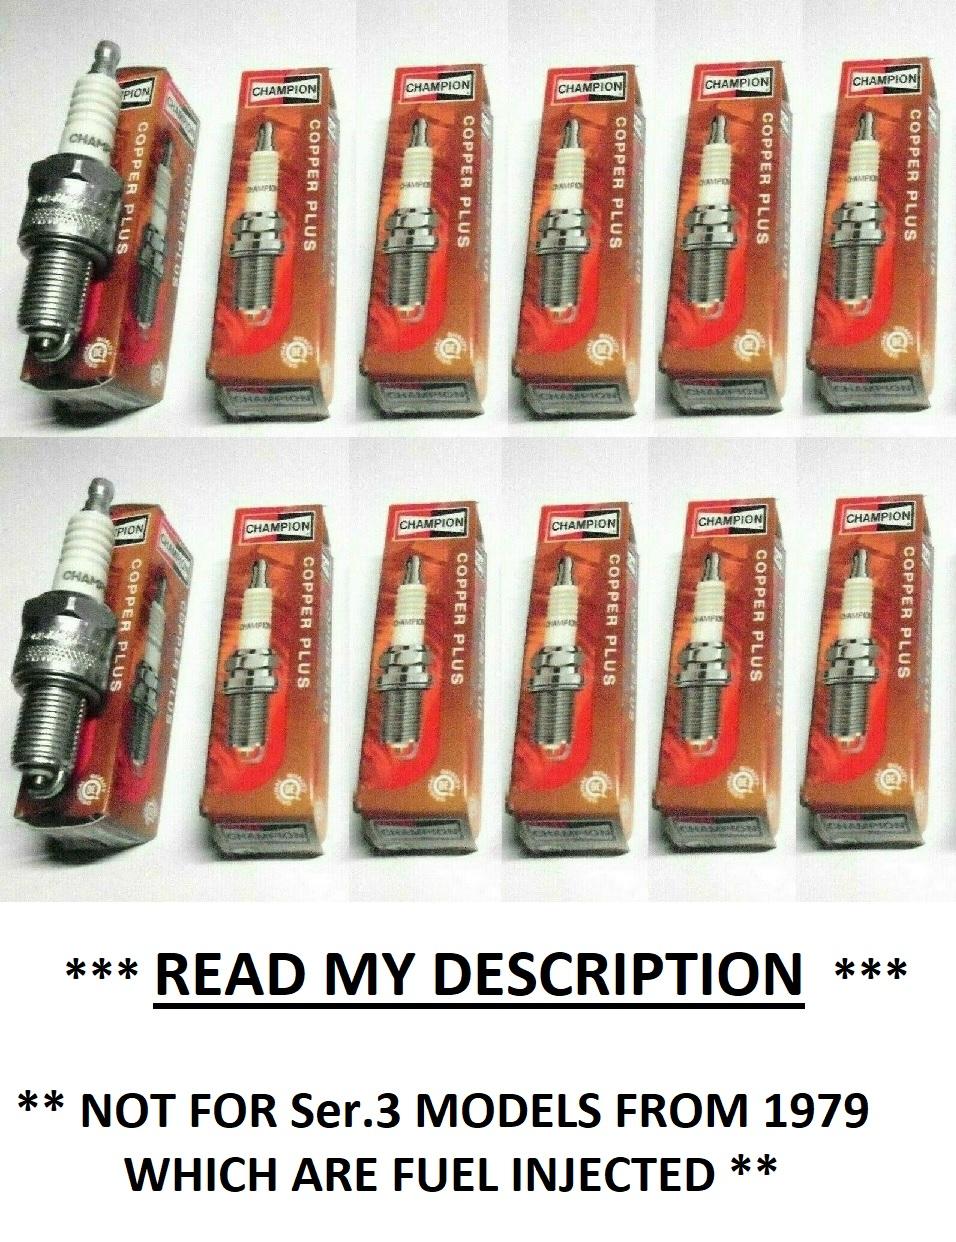 SPARK PLUGS x12 (Jaguar XJ12) (Ser.1&2 Only) (V12, 5.3 Litre) (** 1972- 79 Only **)